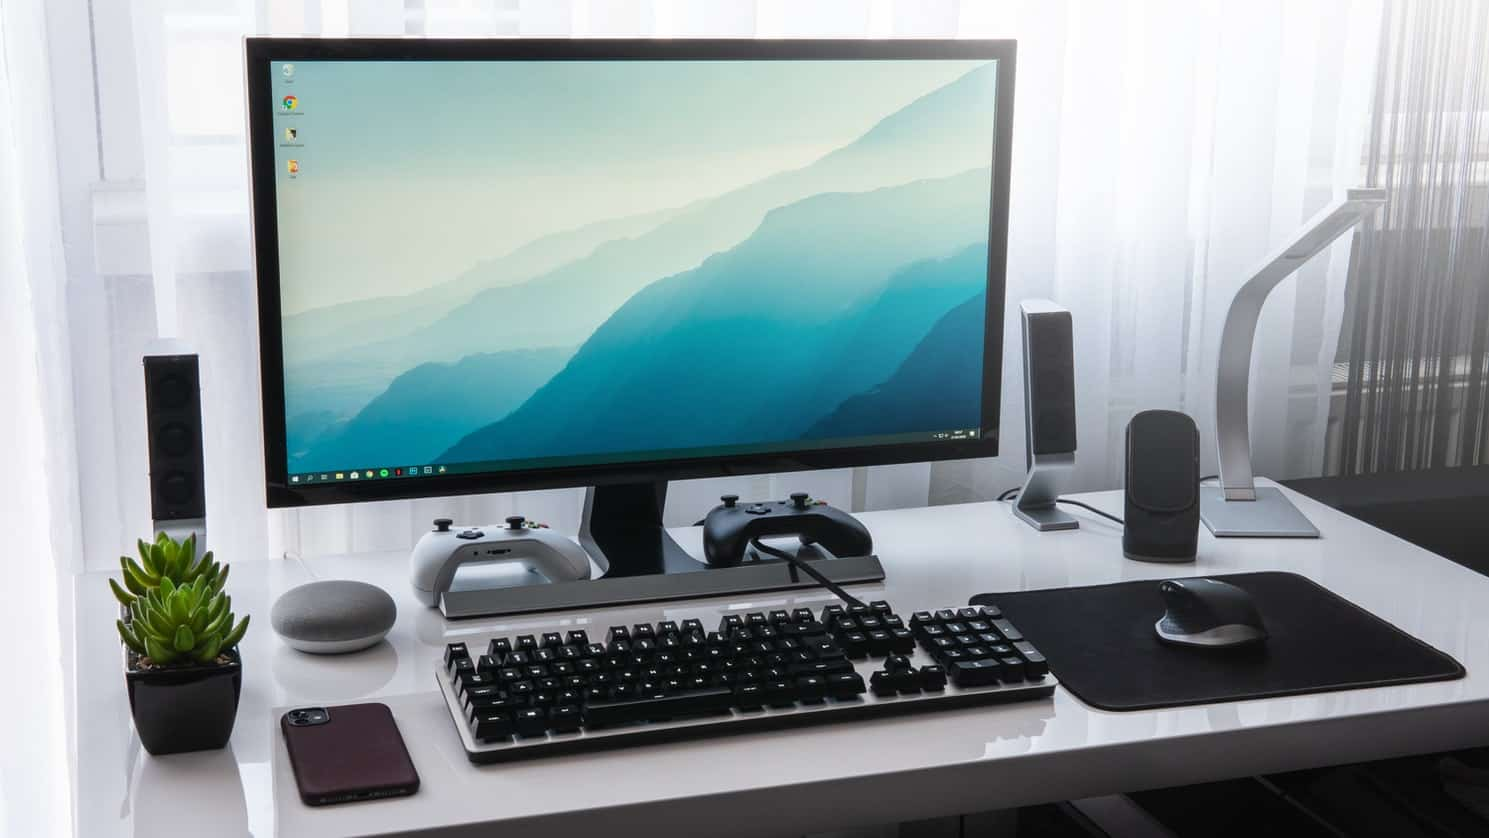 Ofis Masaüstü Bilgisayar Önerileri